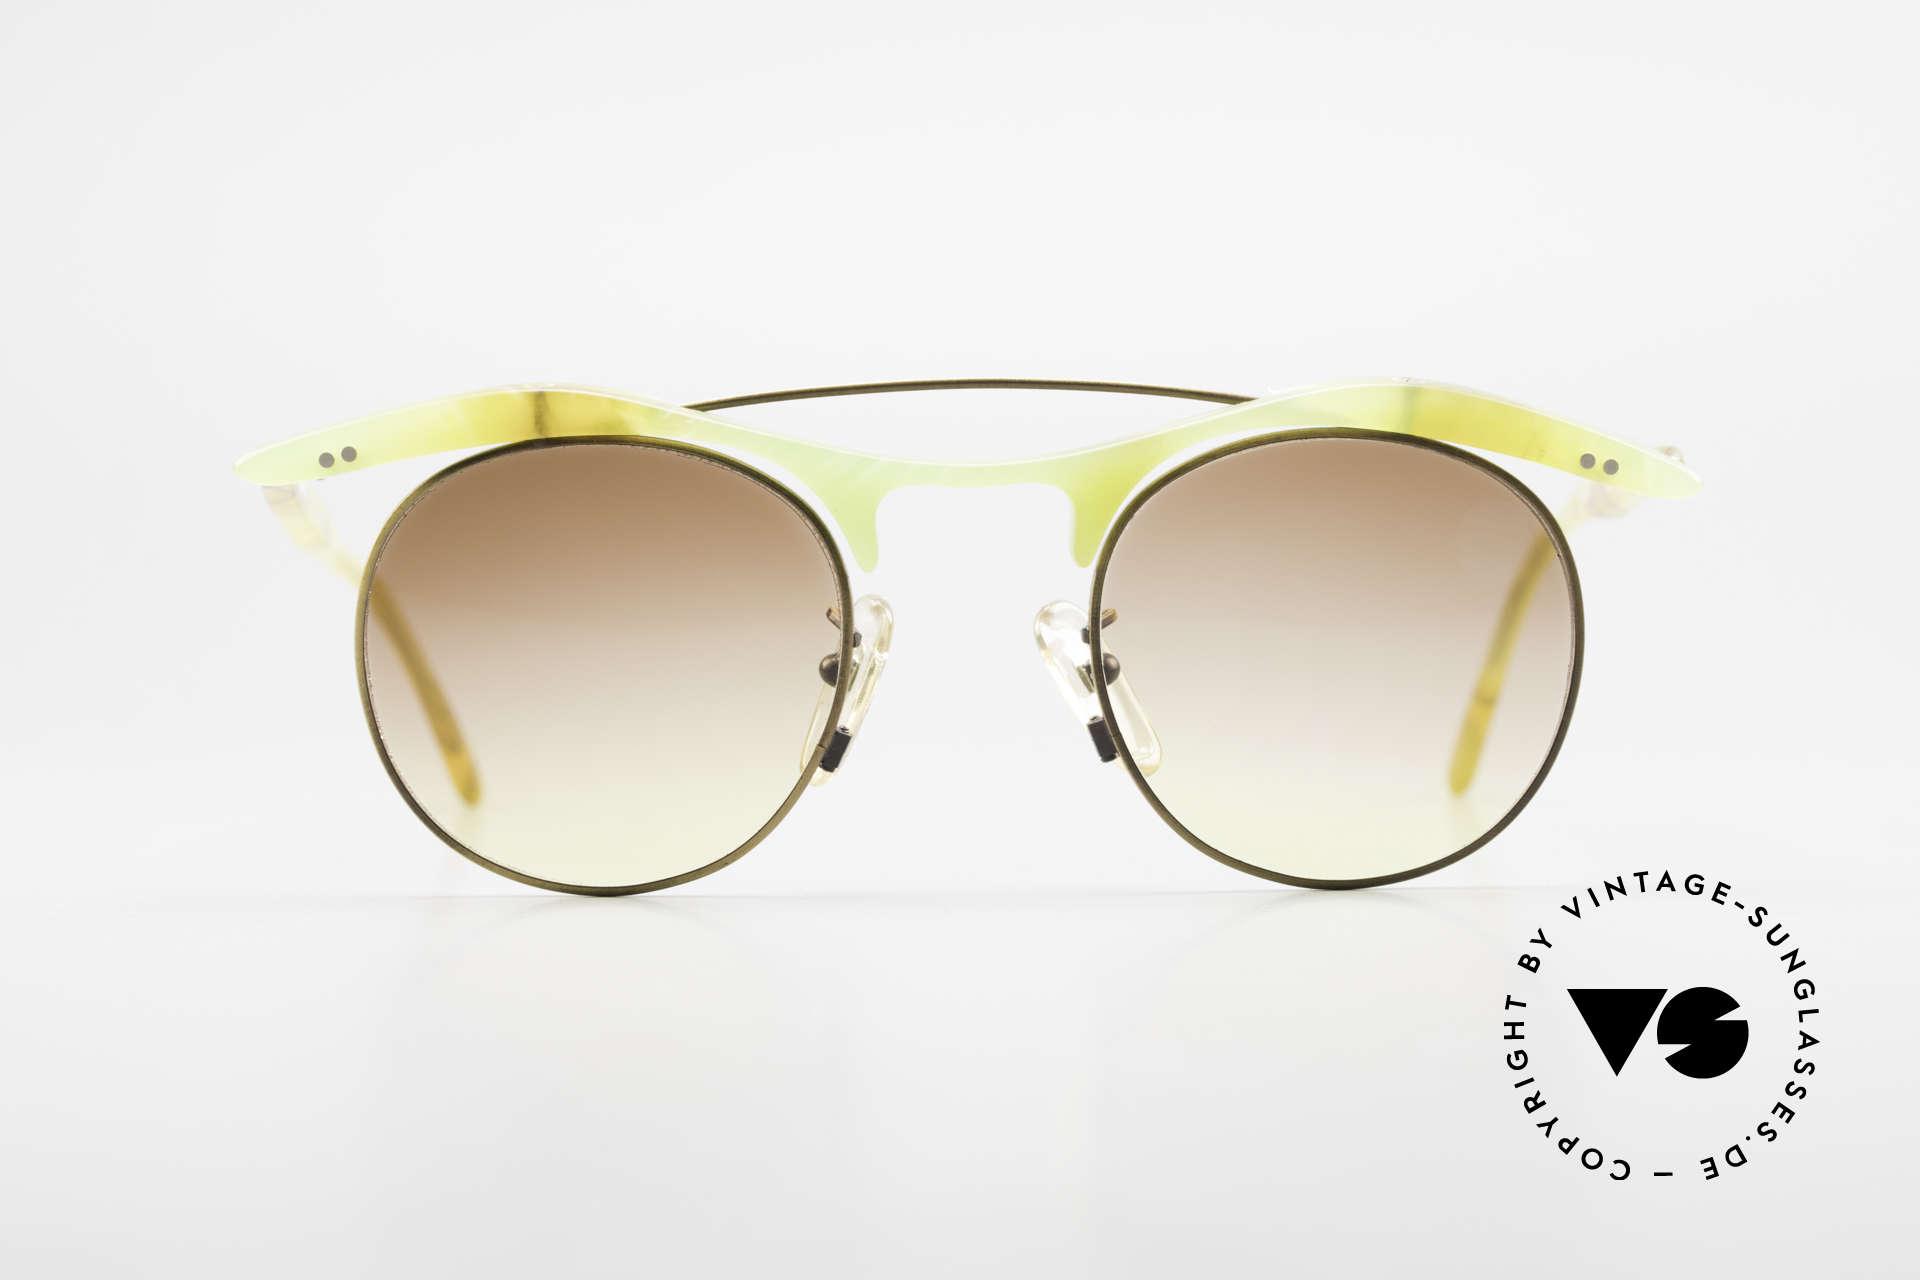 L.A. Eyeworks YANG 670 Vintage Sonnenbrille No Retro, mutige Designs entgegen aller konventionellen Trends, Passend für Herren und Damen